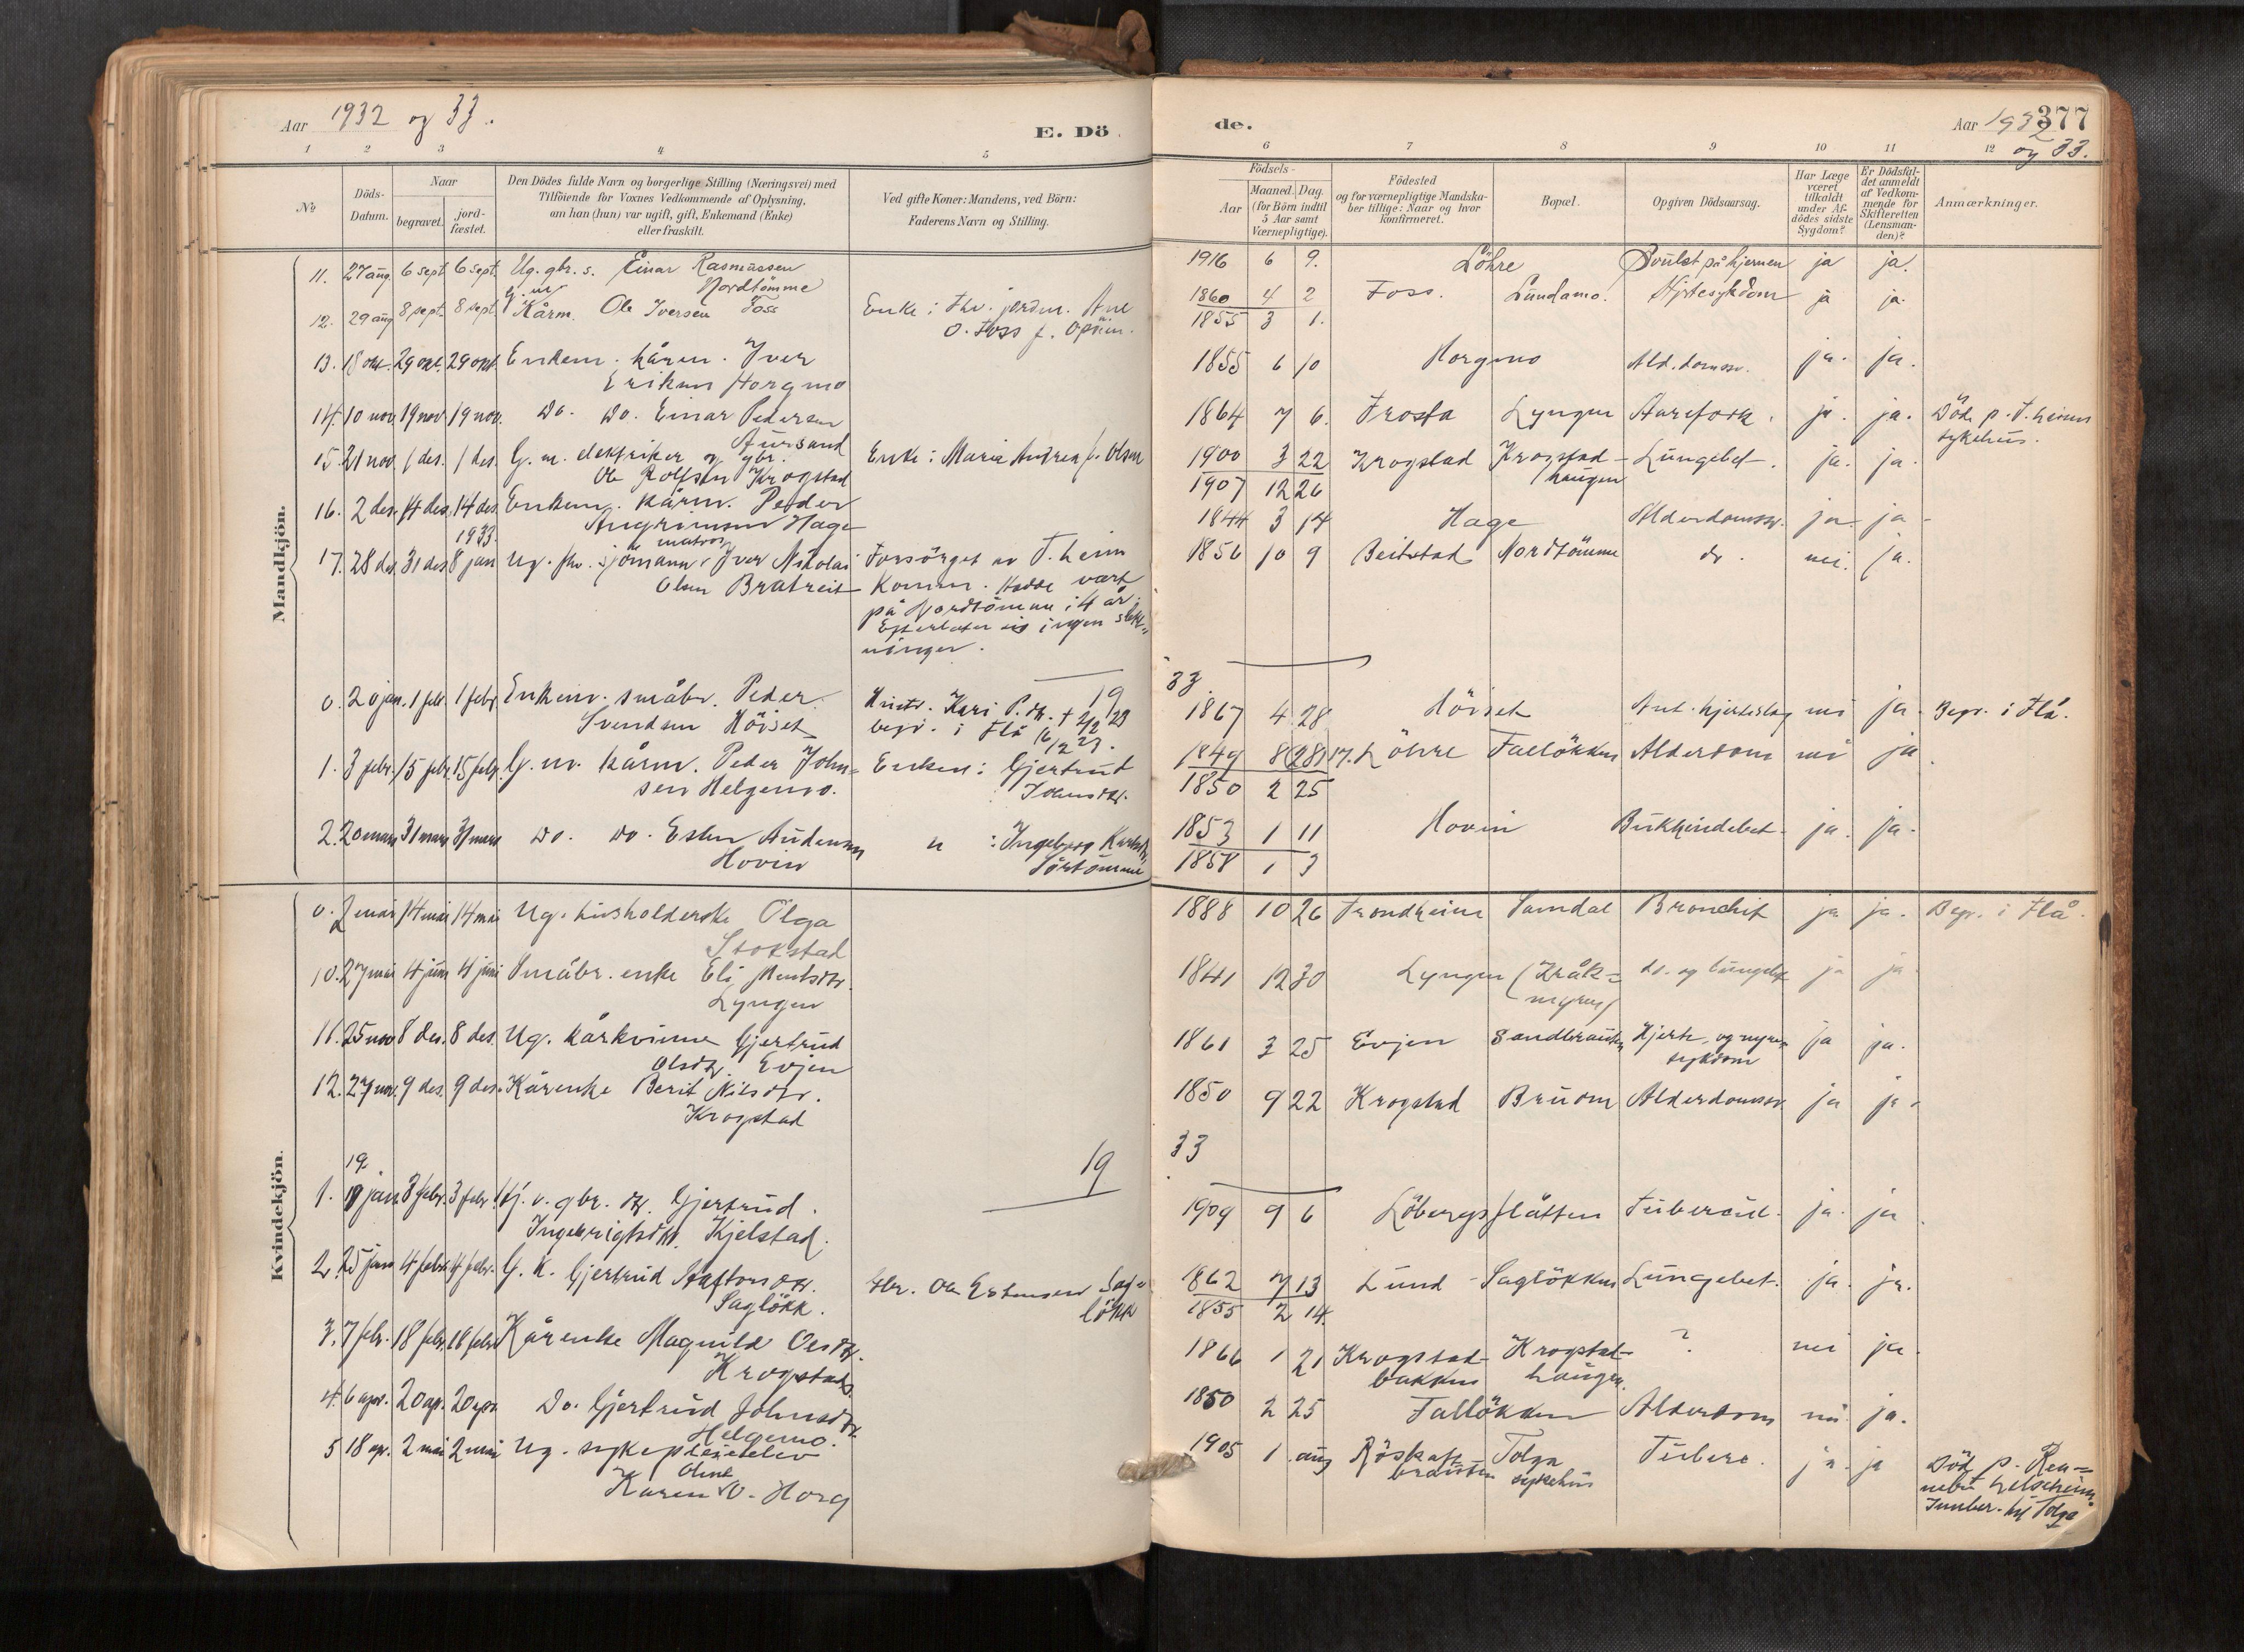 SAT, Ministerialprotokoller, klokkerbøker og fødselsregistre - Sør-Trøndelag, 692/L1105b: Ministerialbok nr. 692A06, 1891-1934, s. 377